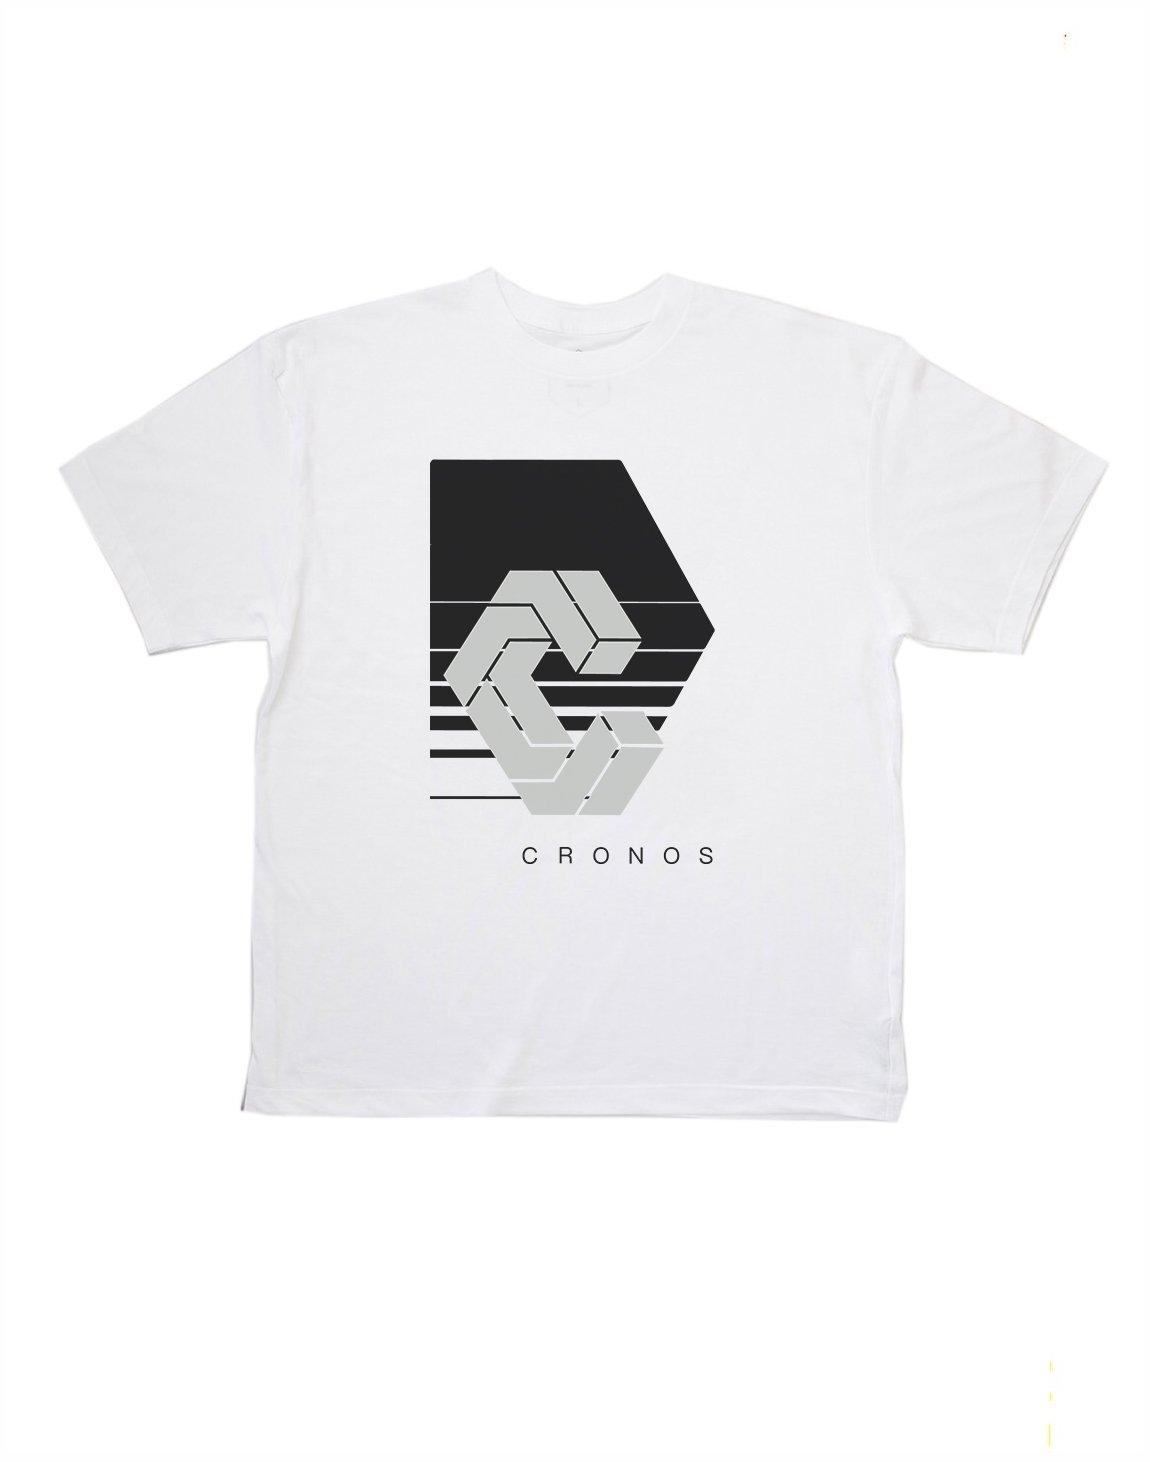 CRONOS REFLECTION LOGO OVER SIZE T-SHIRTS【WHITE】